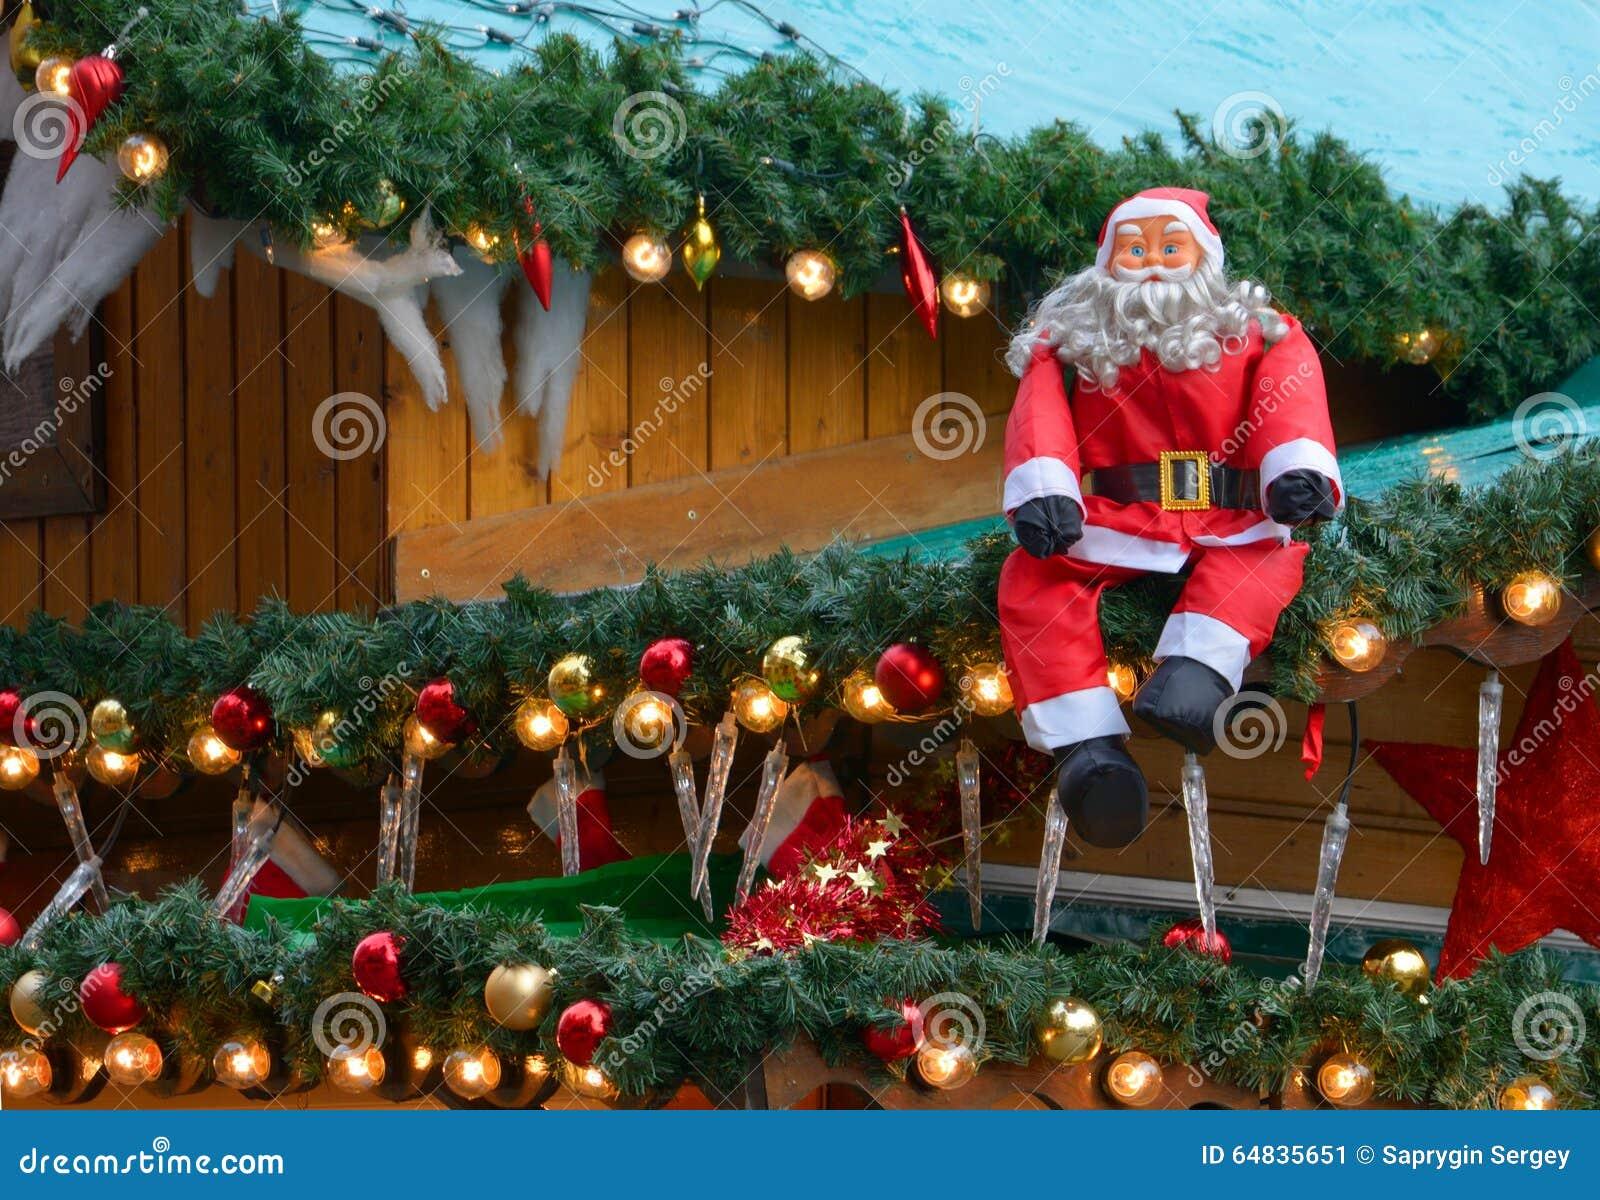 Weihnachtsmarkt Dekoration Stockbild Bild 64835651